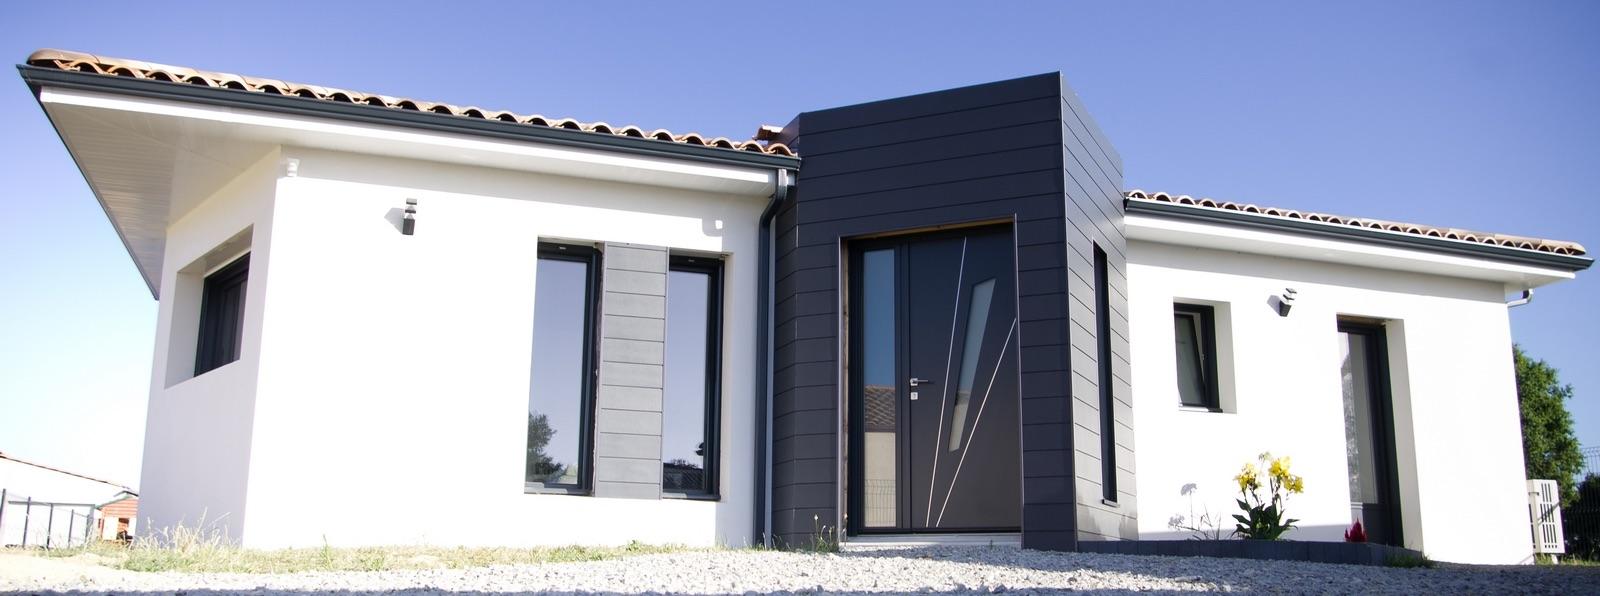 B tisseurs challandais constructeur de maison en vend e for Constructeur maison contemporaine en vendee